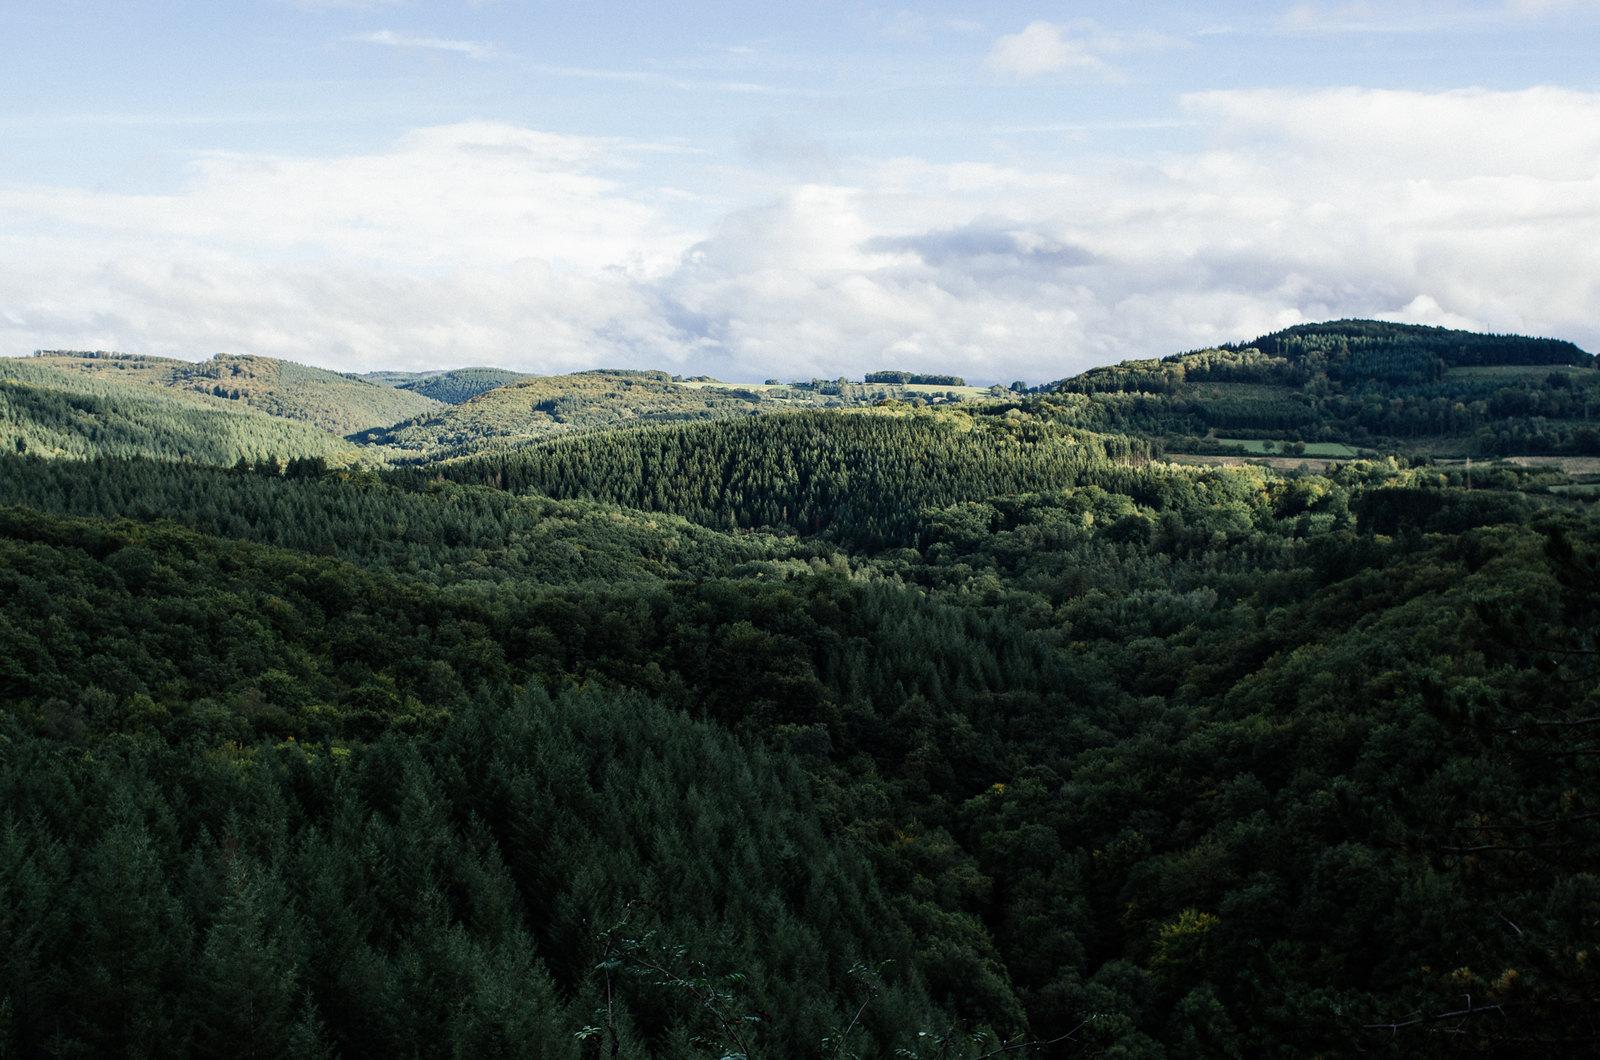 Grande traversée du Morvan - Des sapins à perte de vue